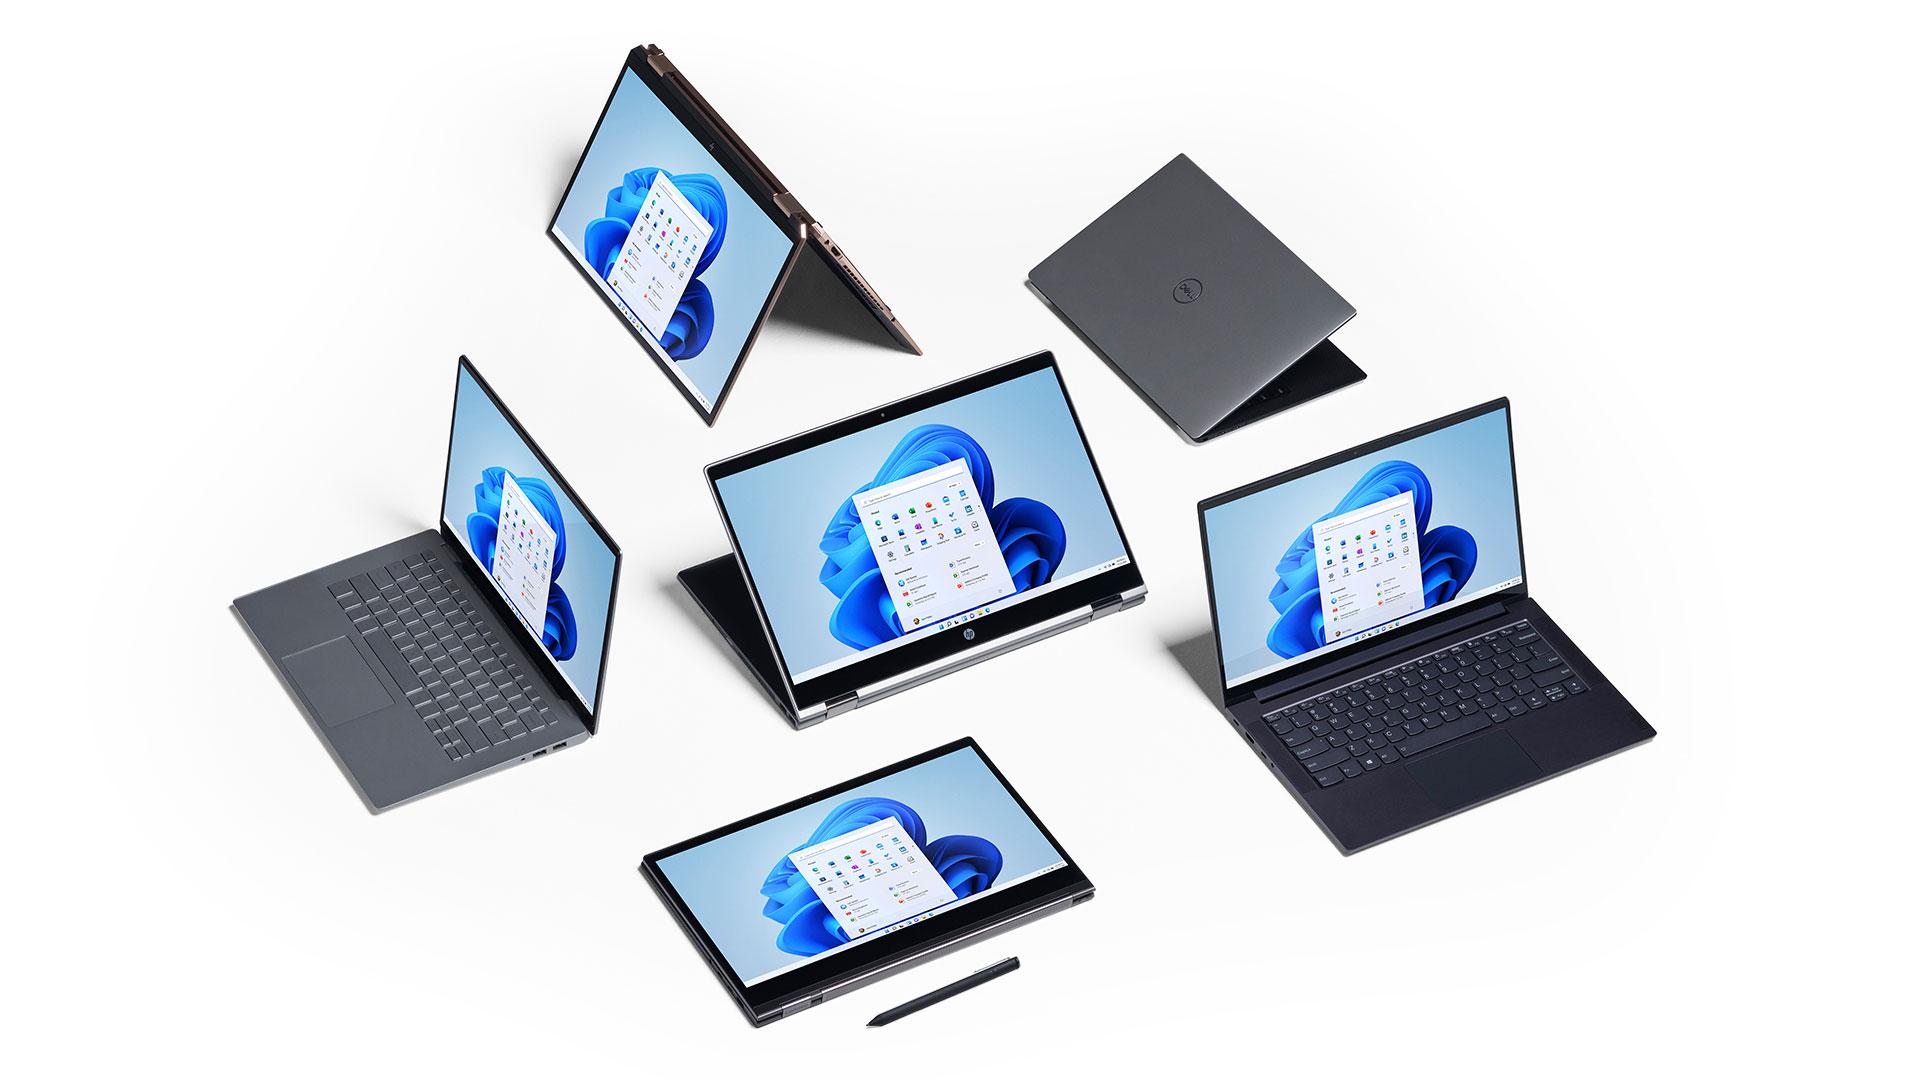 6 台 Windows 11 电脑排列在一起